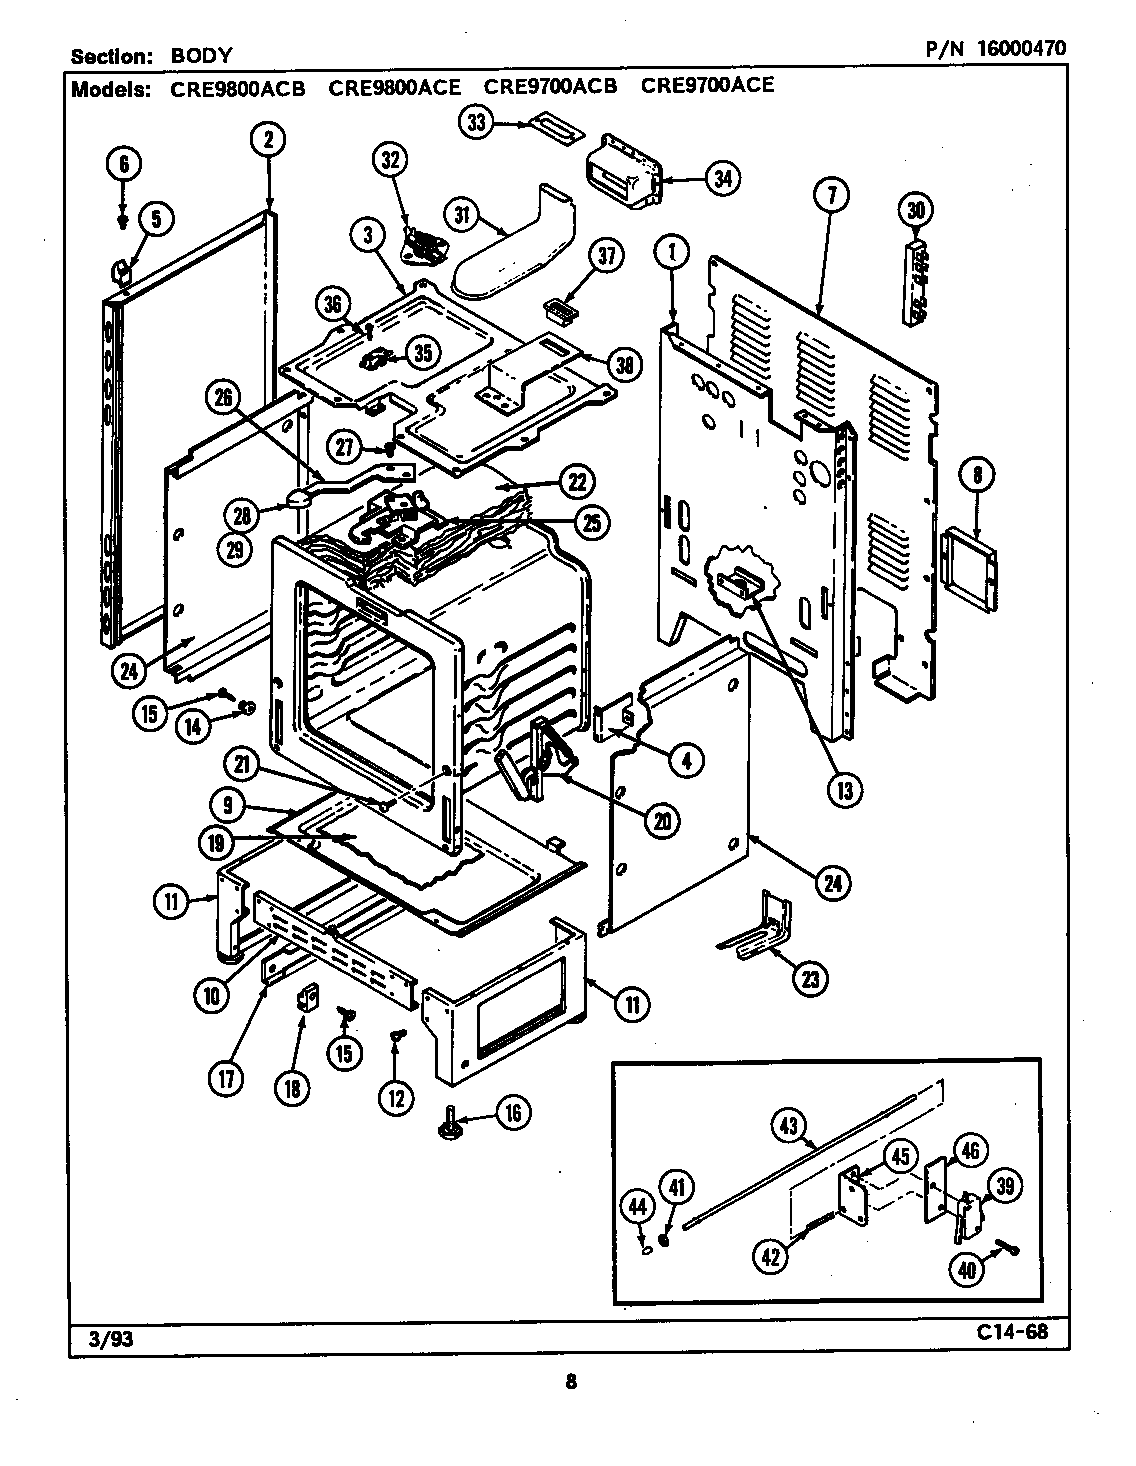 Maytag Dryer Wiring Diagram Problems